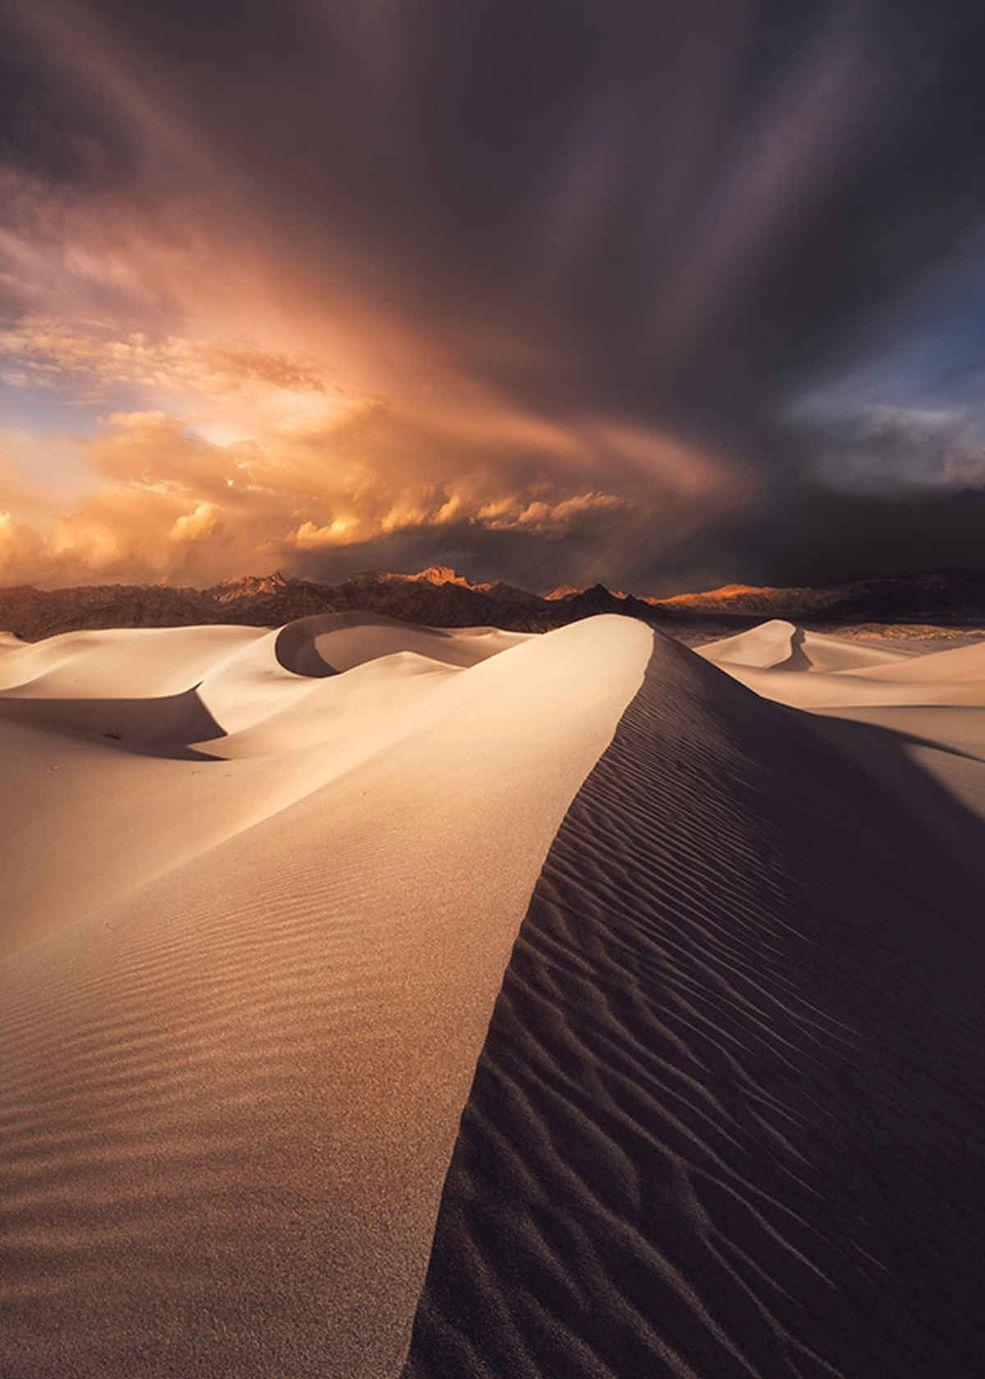 Zwycięzcą w kategorii dorosłych został Ted Gore, który sfotografował wydmy w Parku Narodowym Death Valley w Kalifornii. W nagrodę otrzyma 5000 dolarów oraz publikację w magazynach USA Today i Popphoto.com.